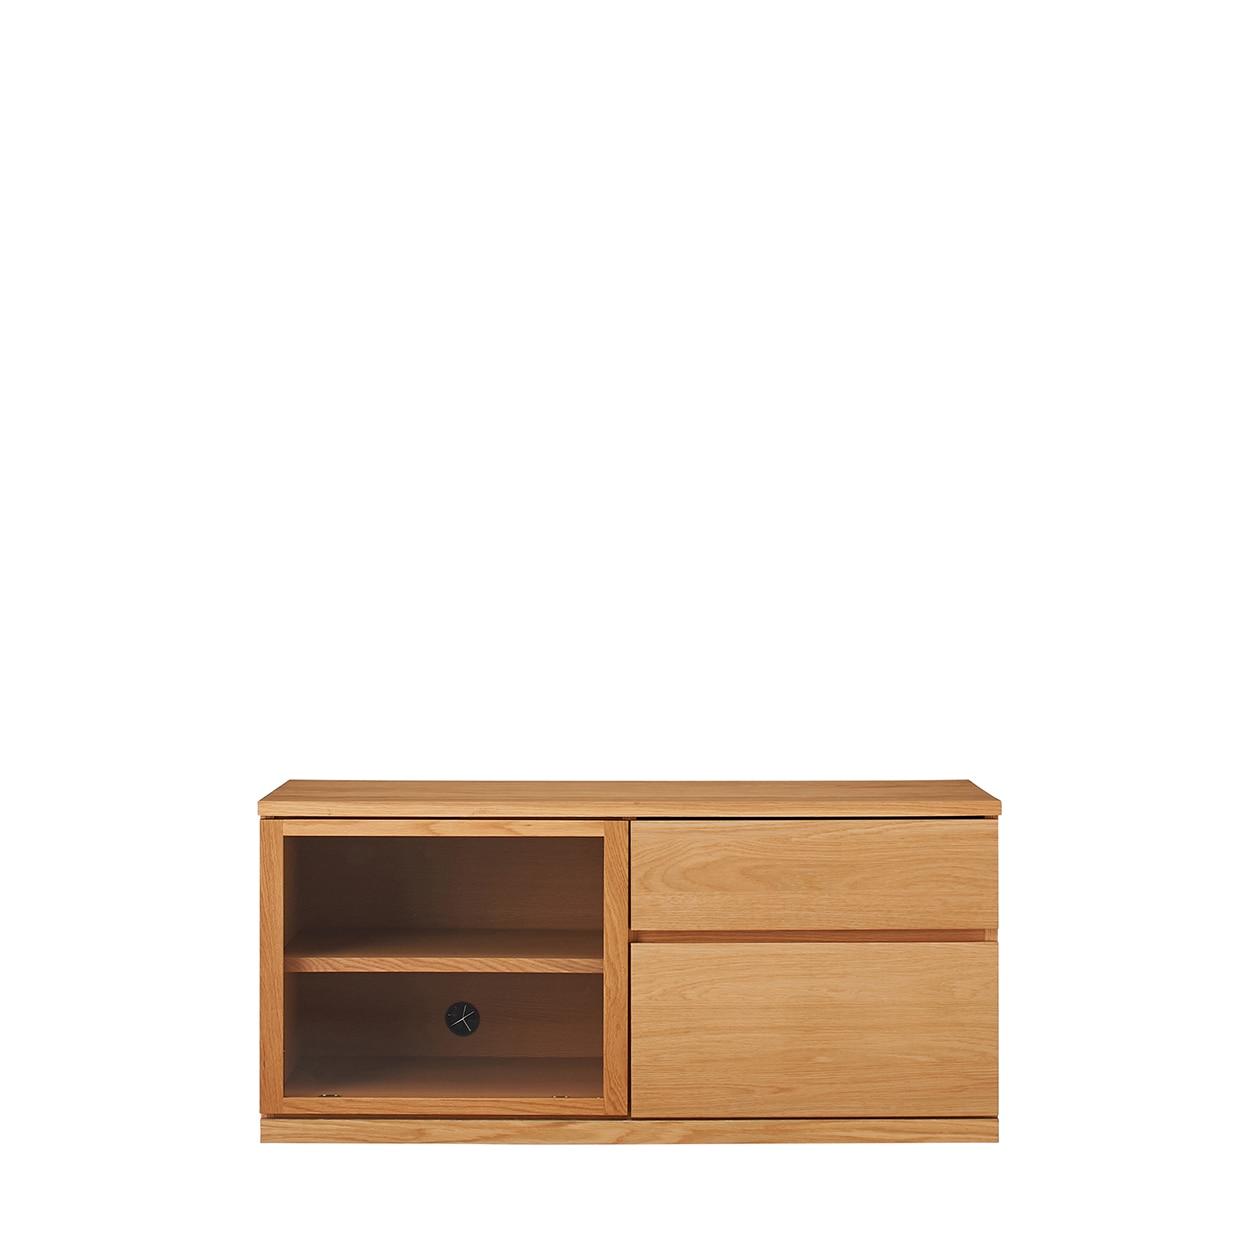 木製AVラック・幅110cm・オーク材